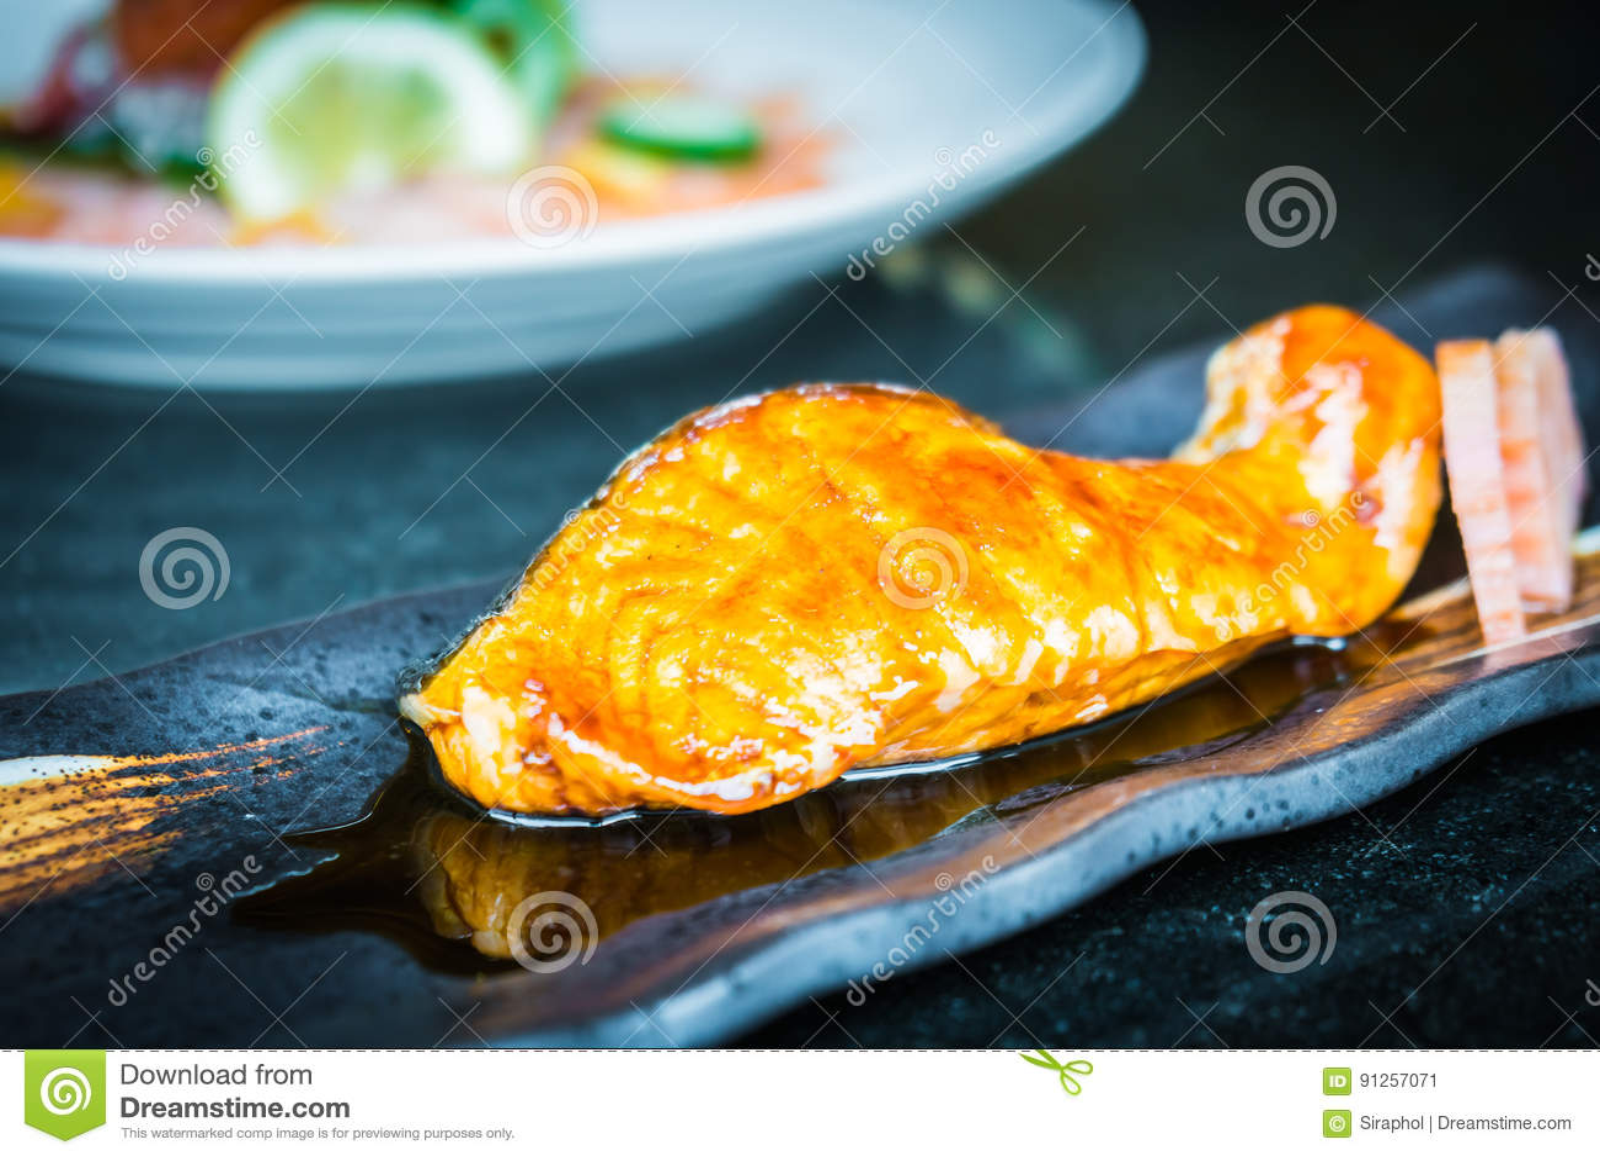 how to make teriyaki sauce for salmon